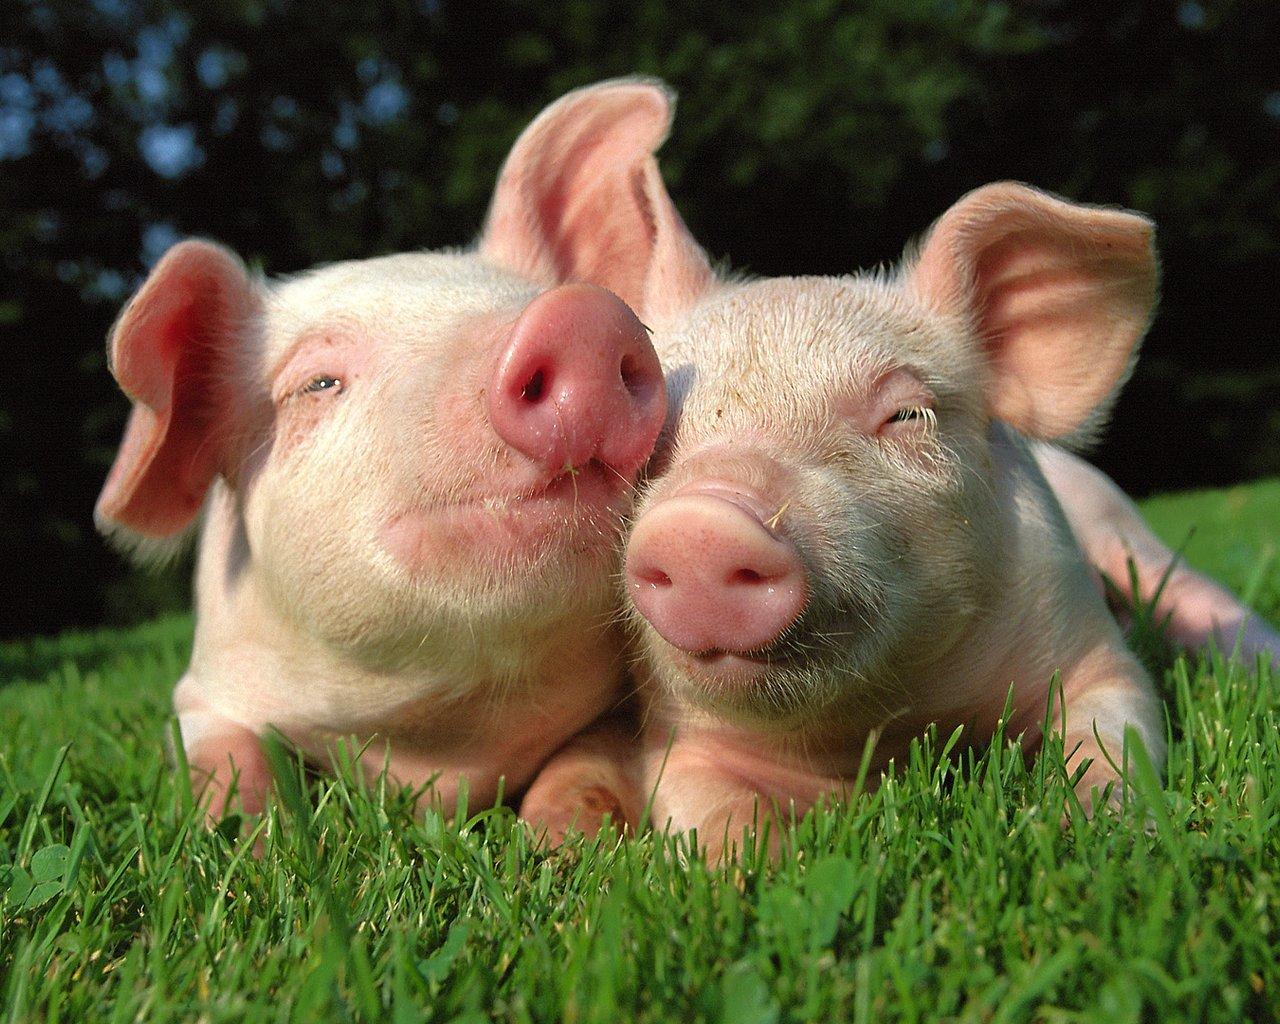 8月15日猪价分析:目前猪价维持上涨条件不稳,猪价预计还会出现波动